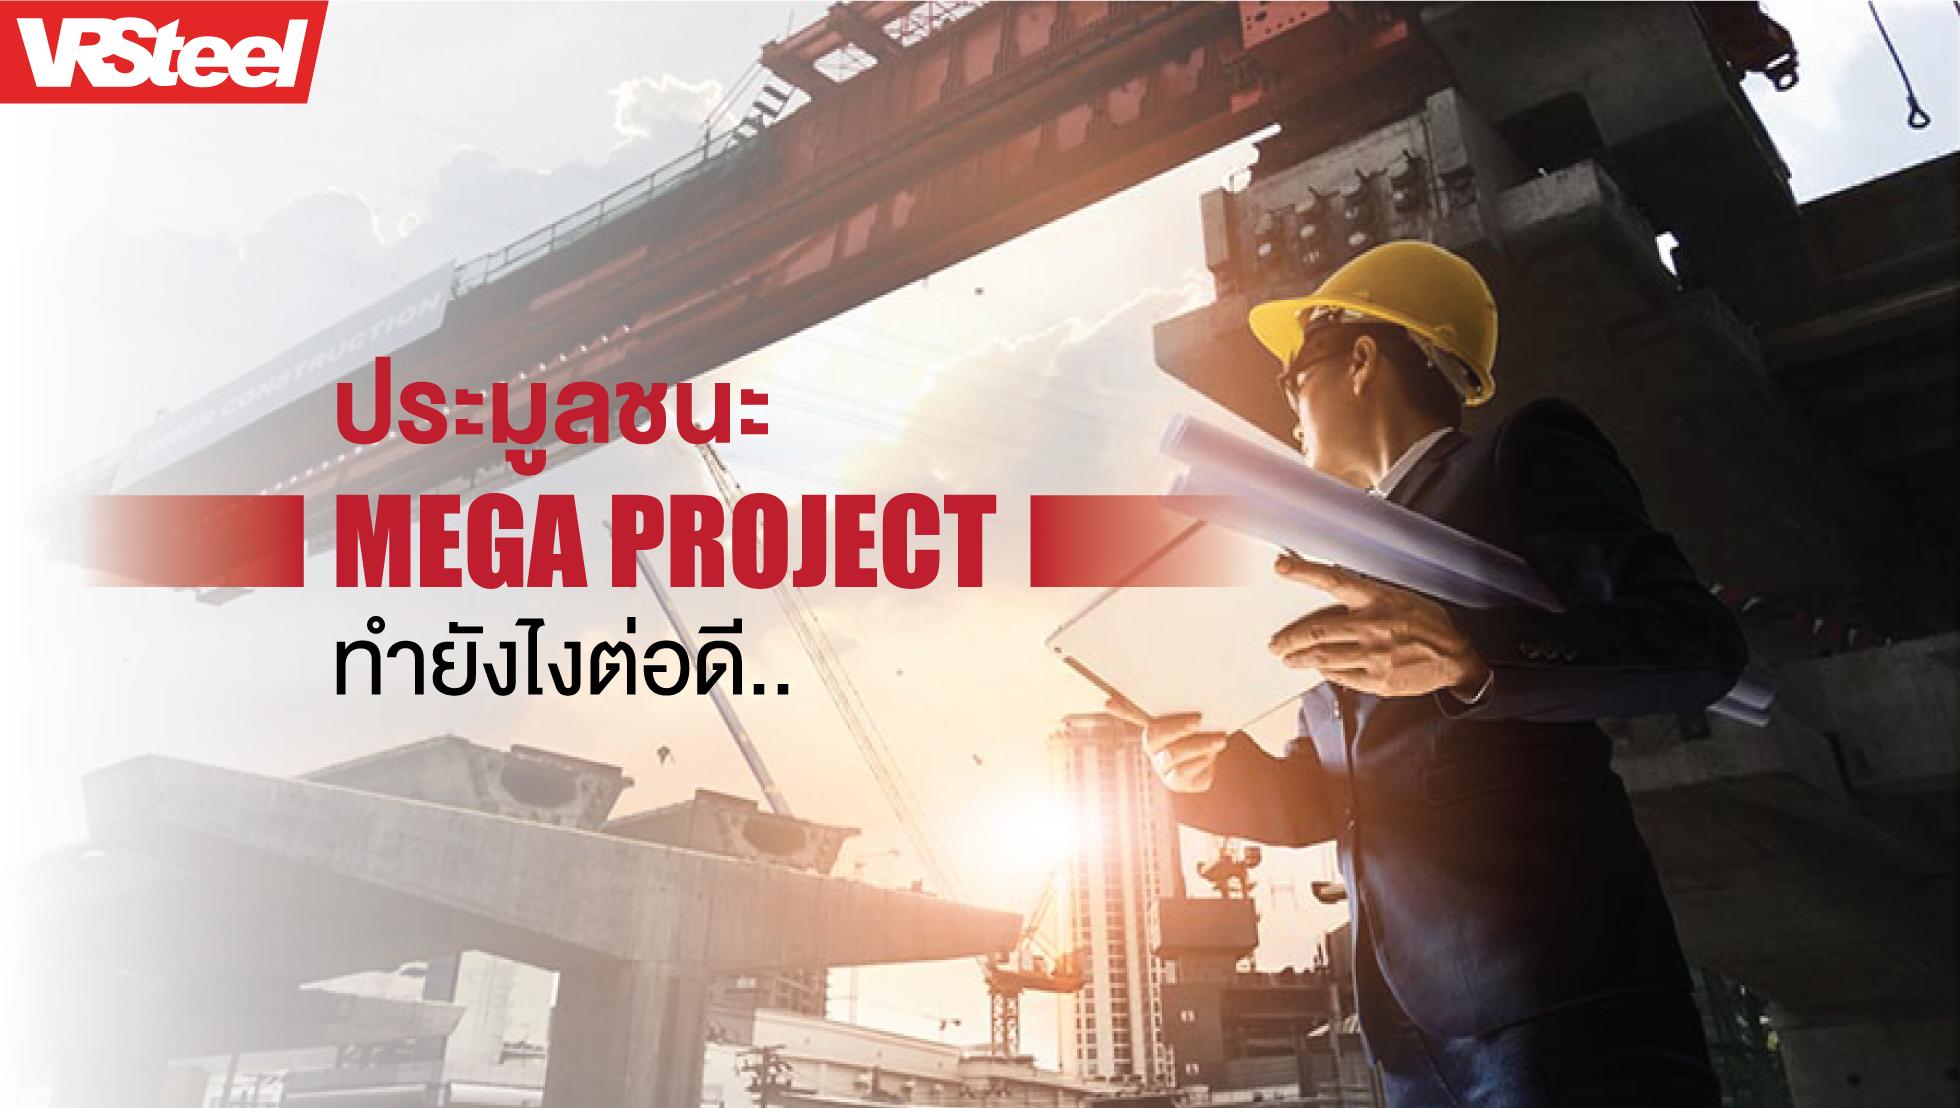 ประมูลชนะ Mega Project ทำยังไงต่อดี